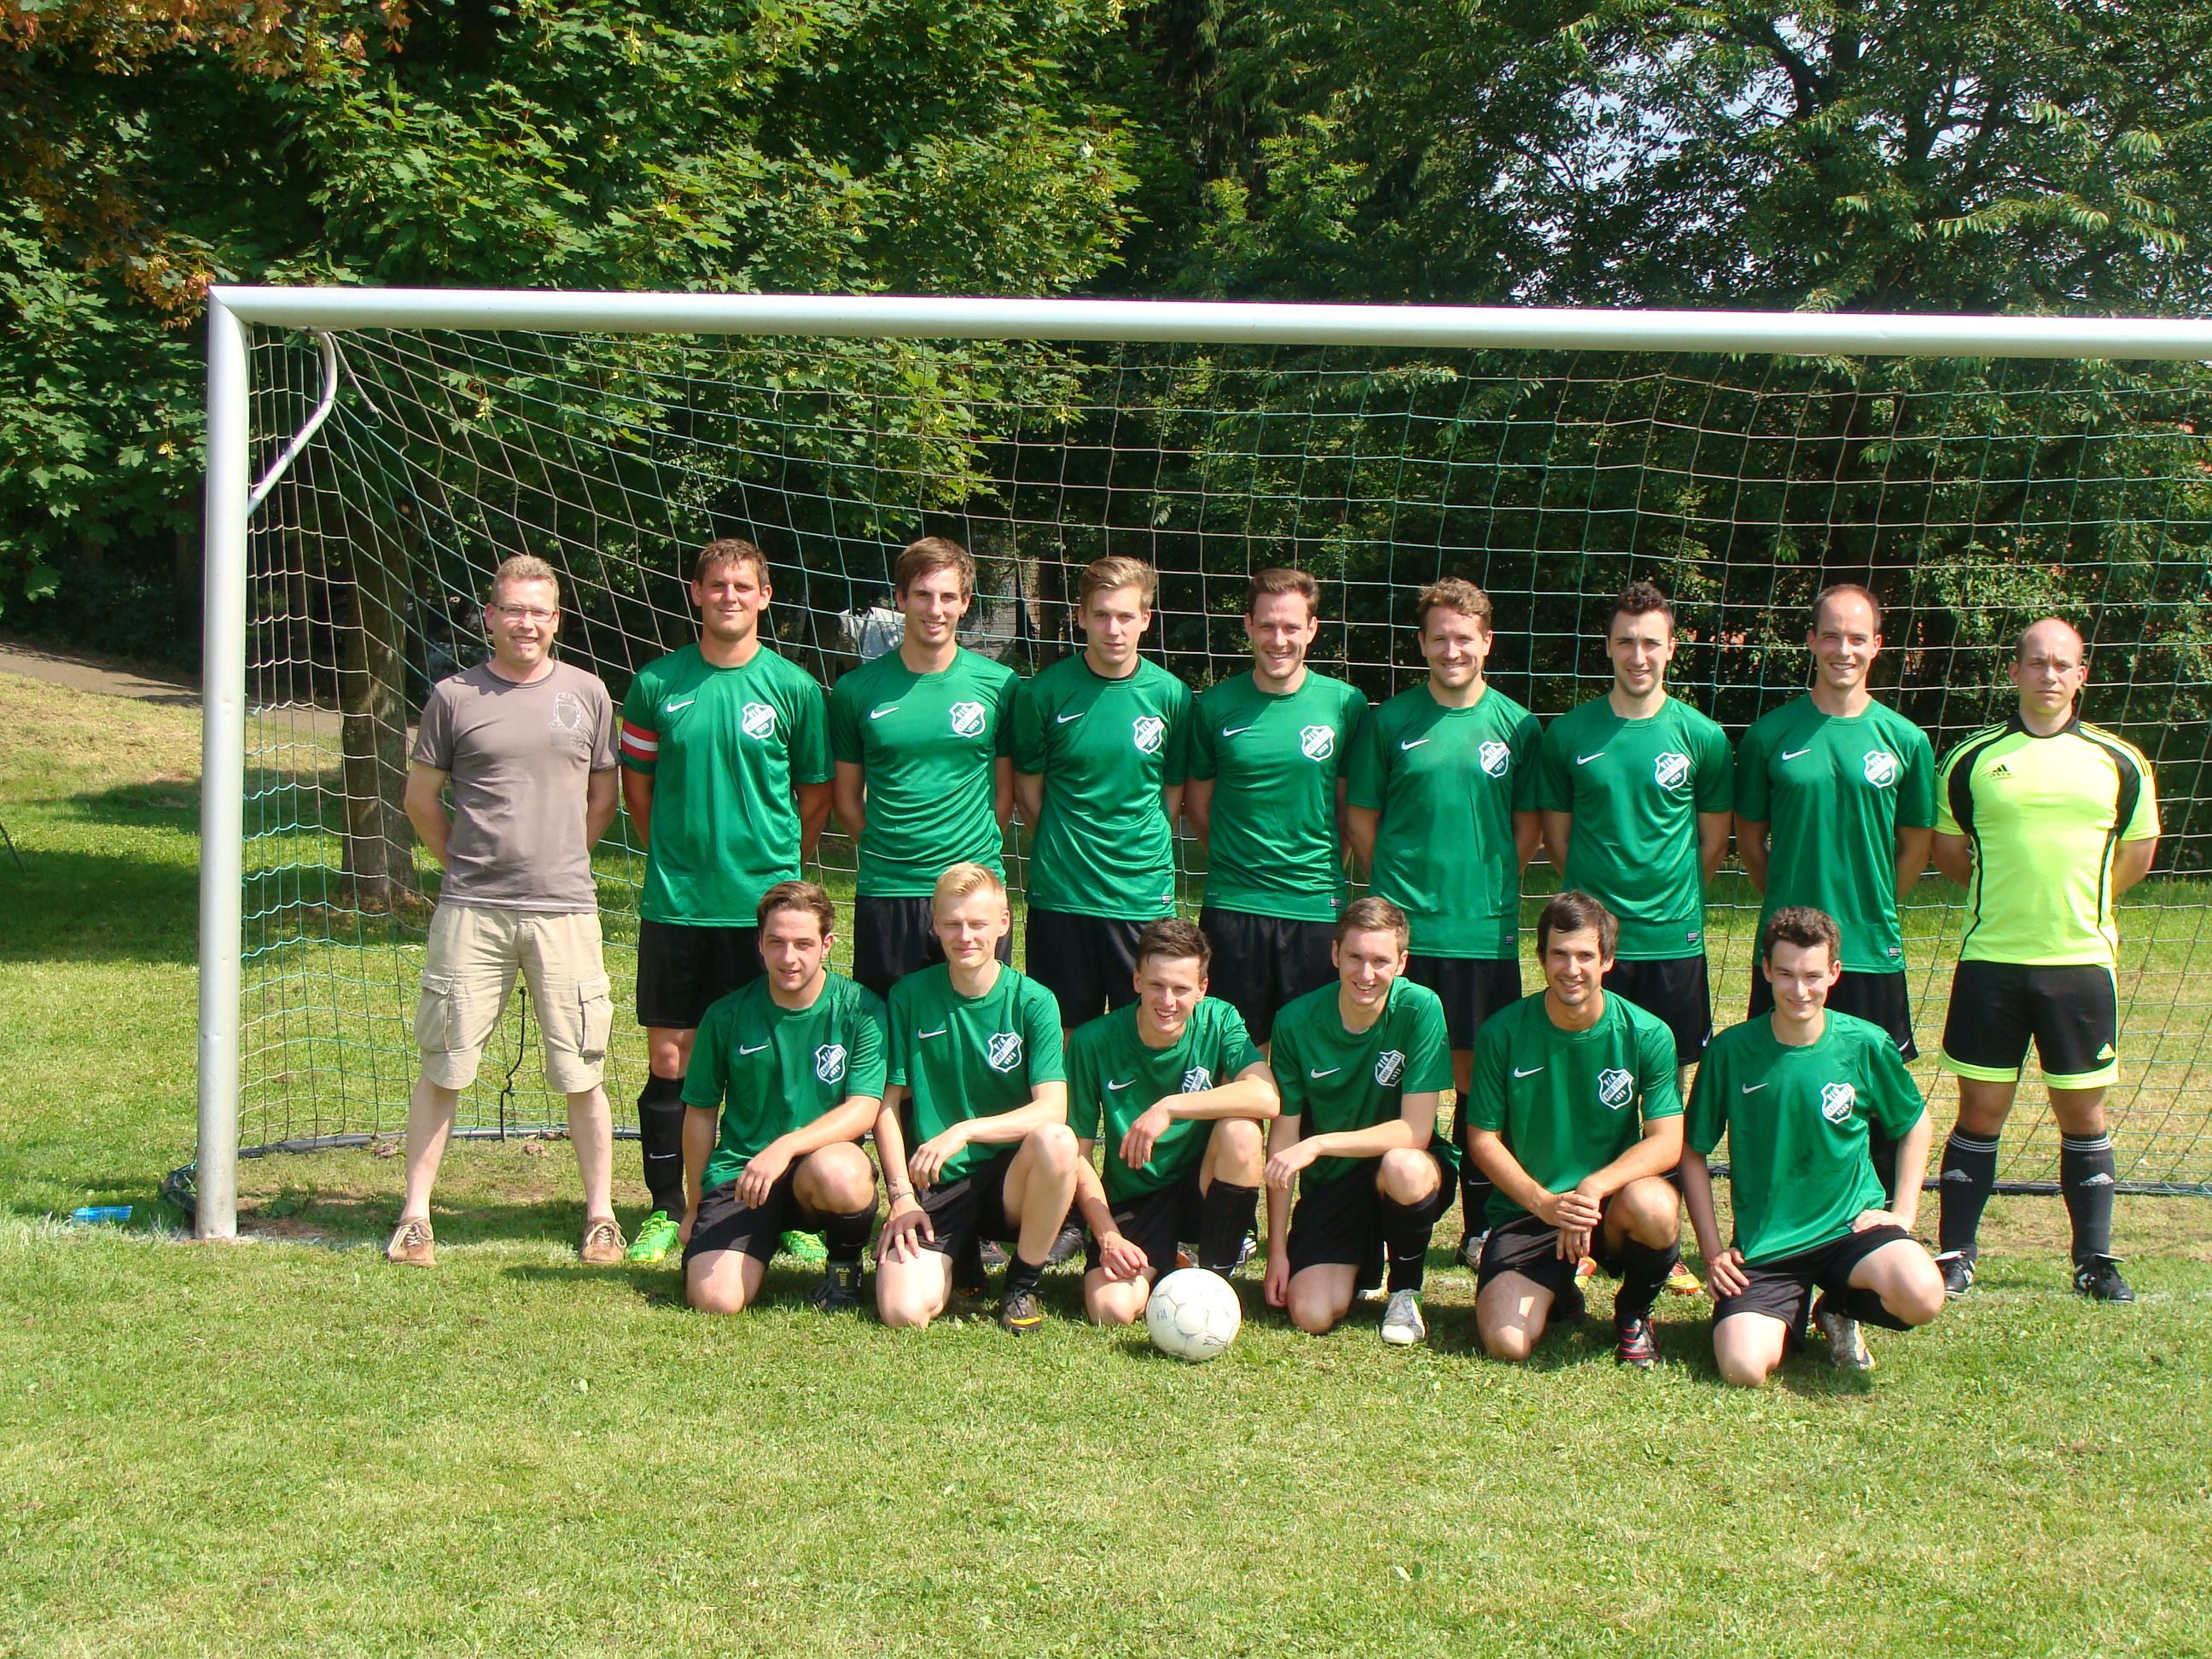 Teamfoto, Mannschaftsfoto TV/VfR Groß-Felda